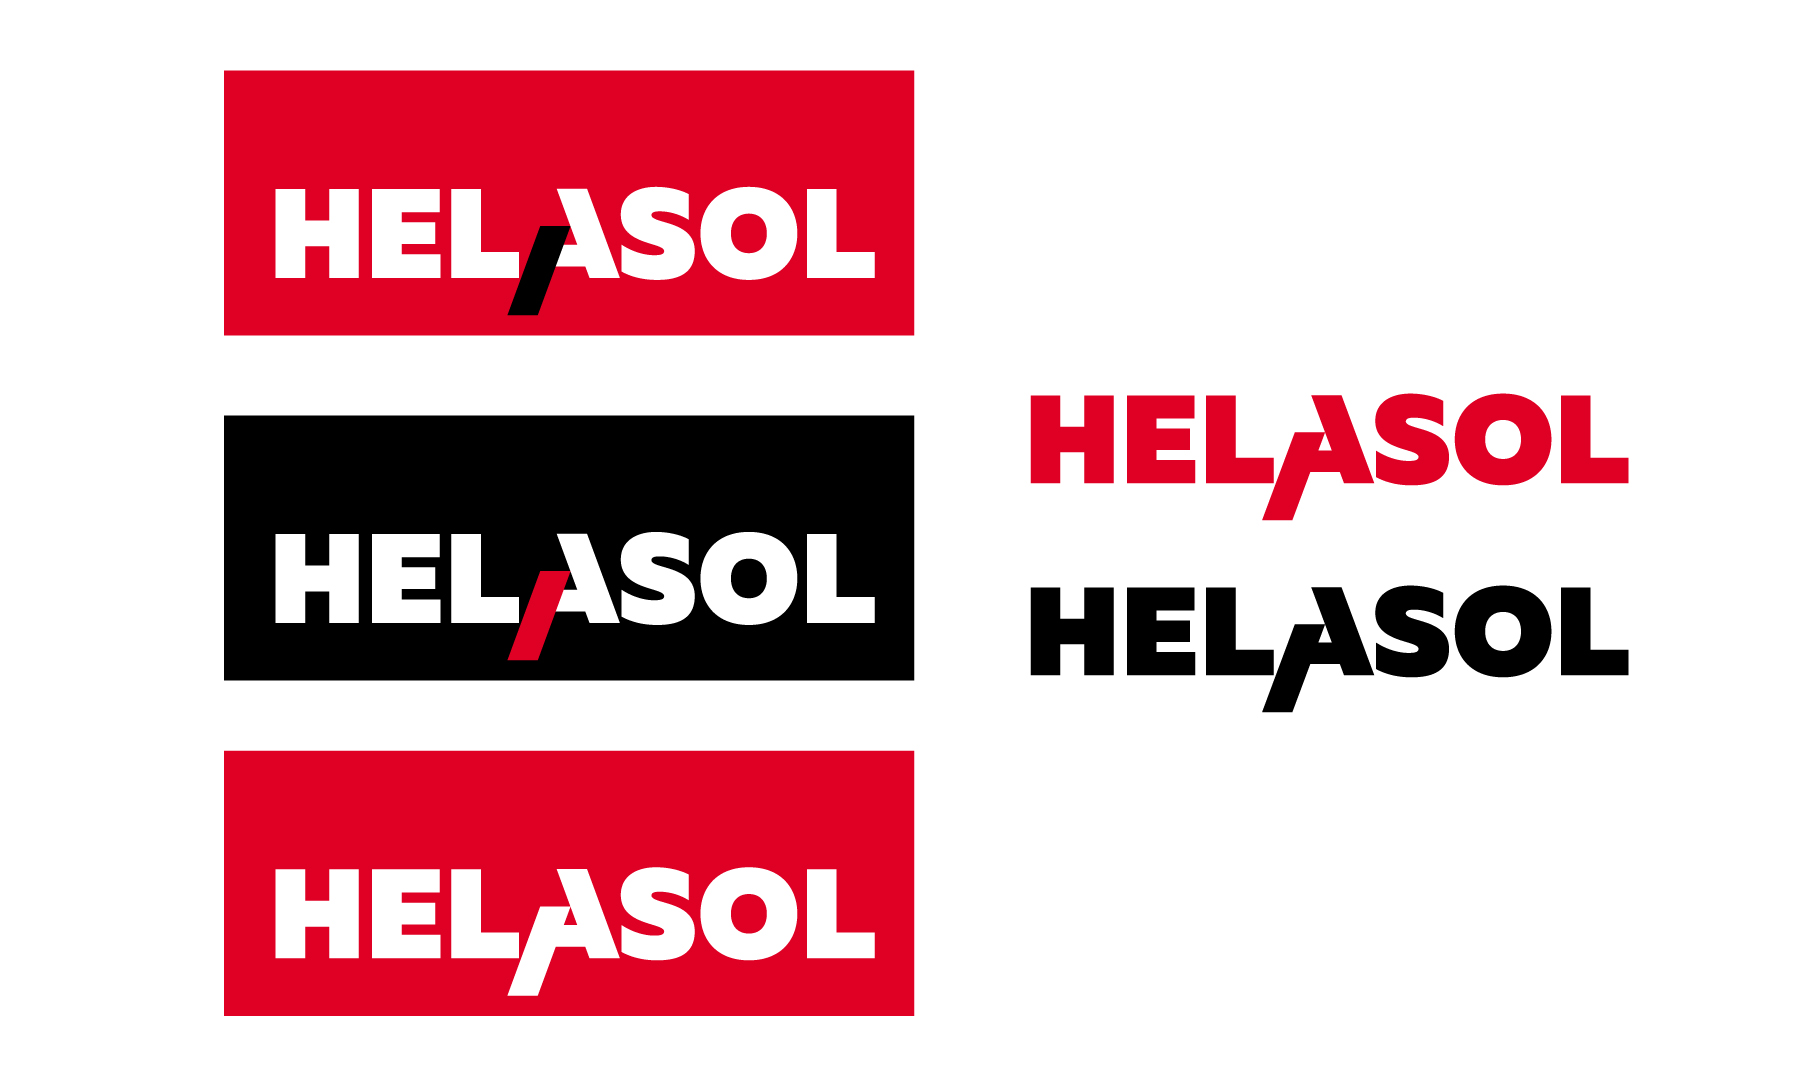 Helasol. Графичен знак и логотип. Цветен и монохромен вариант.